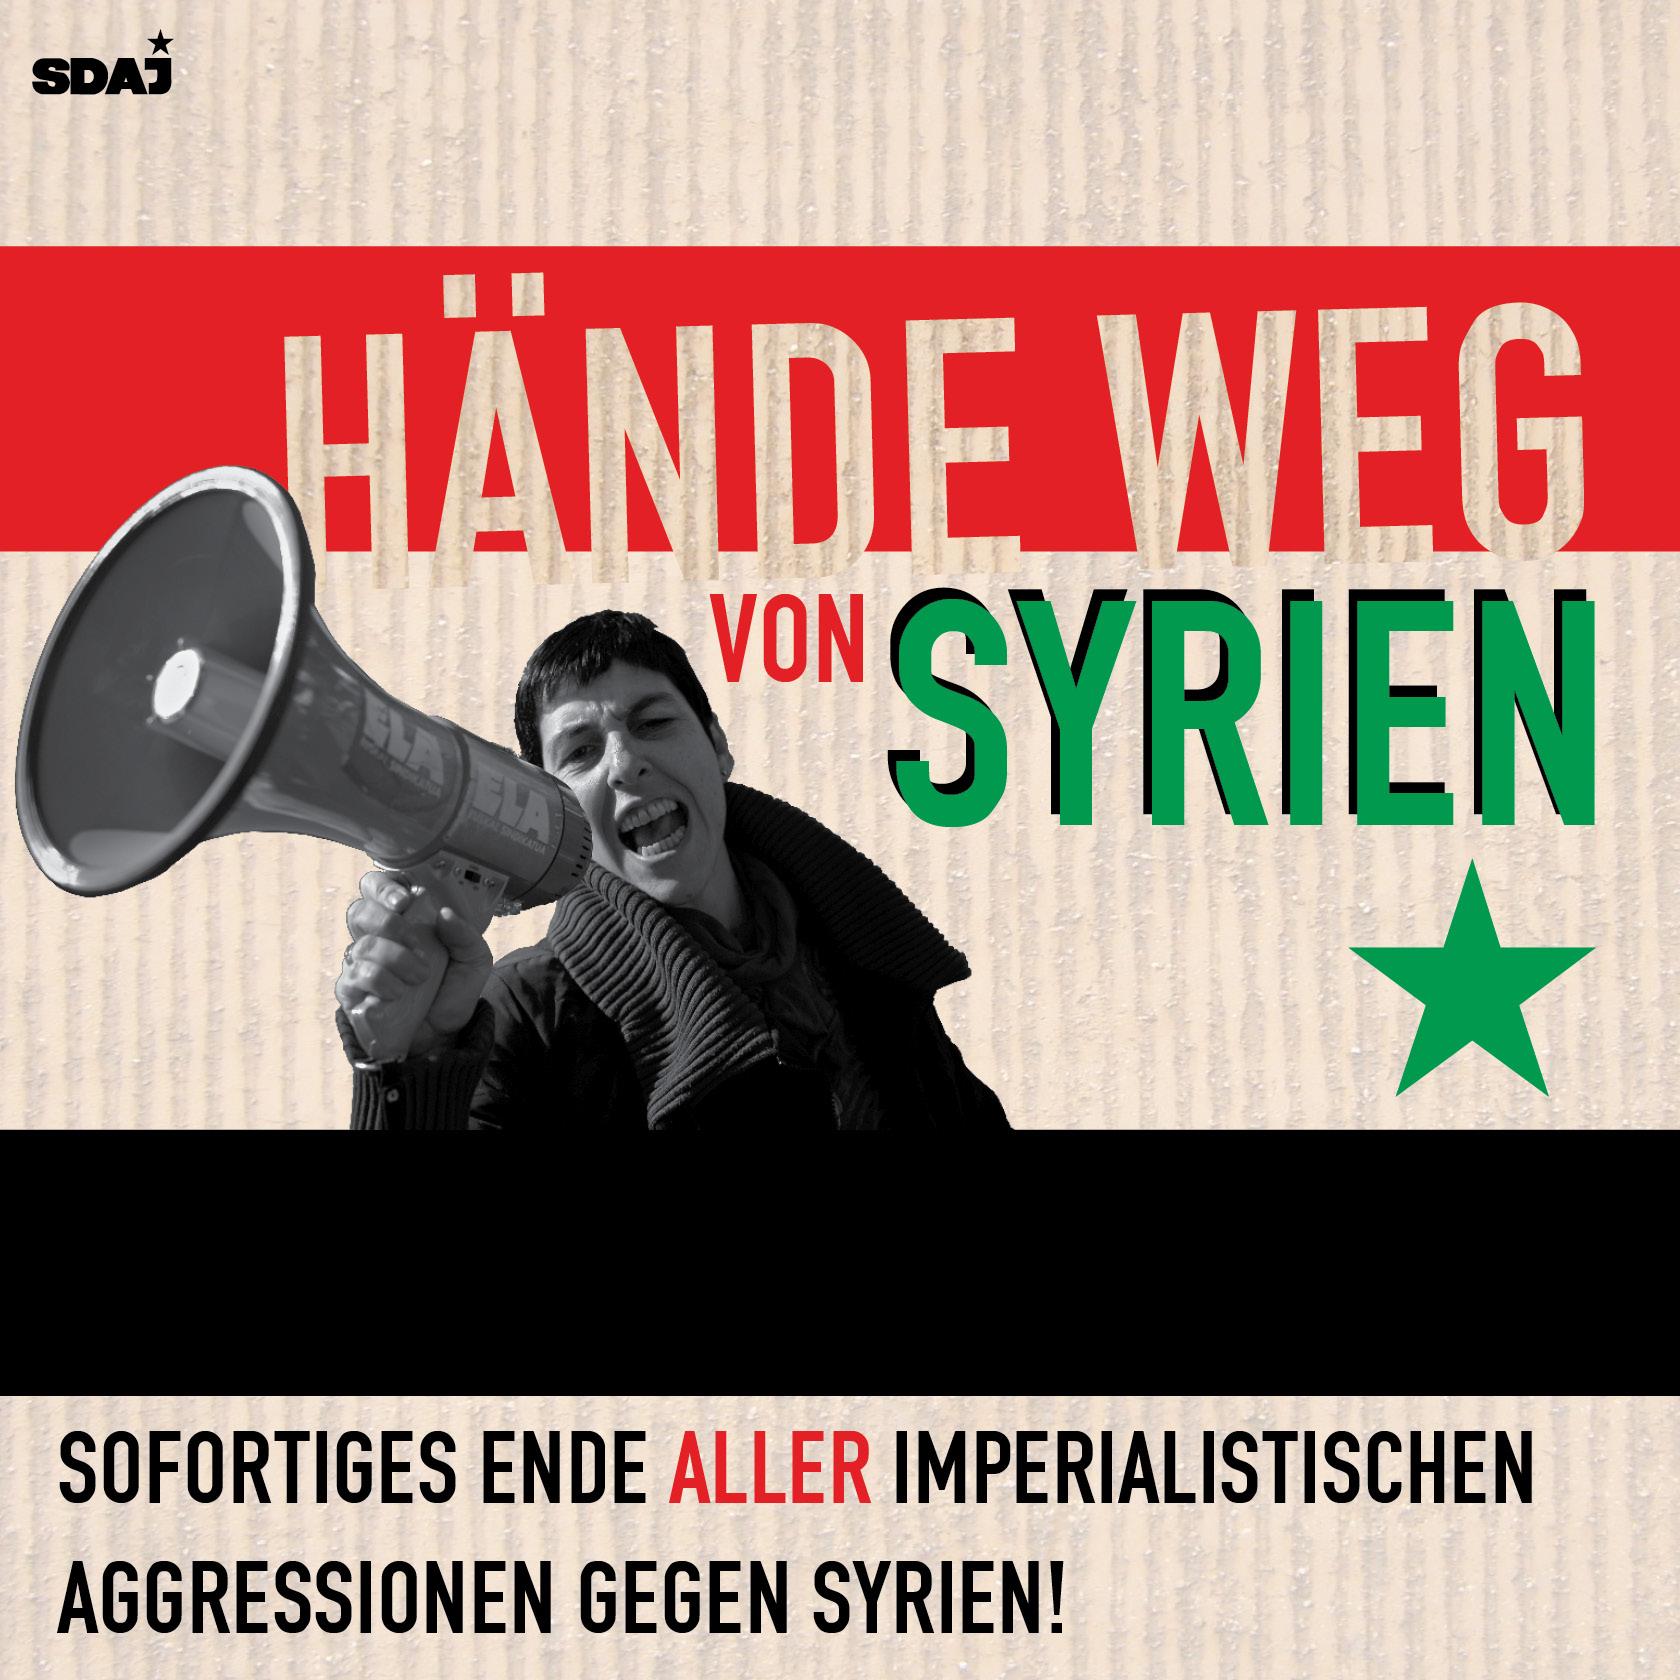 Hände weg von Syrien!